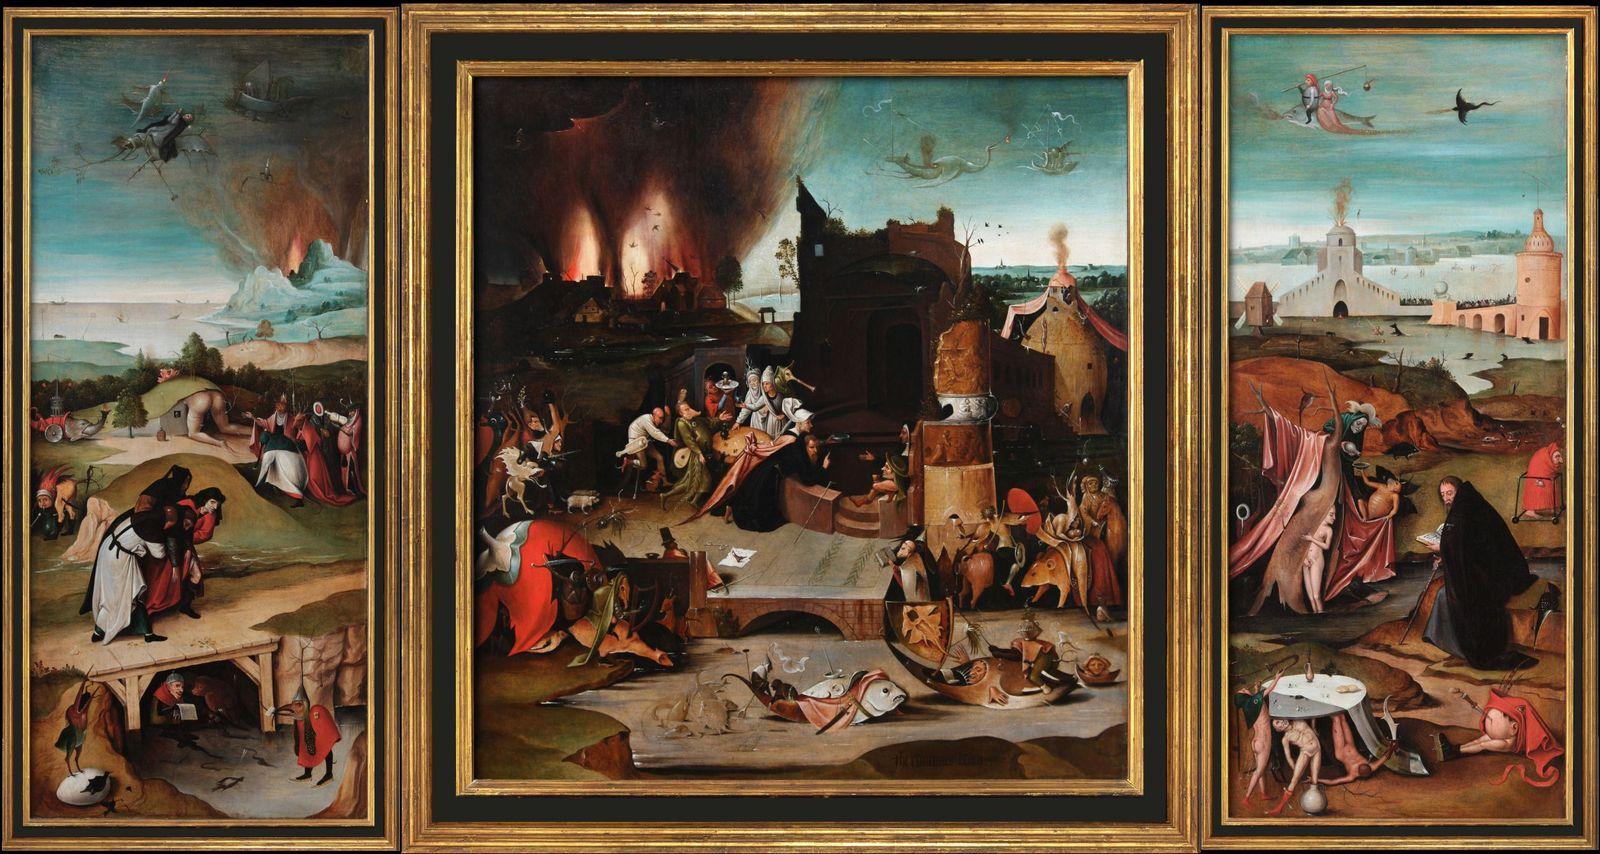 Späte Rettung für einen Erben des Hieronymus Bosch | Museum and the City